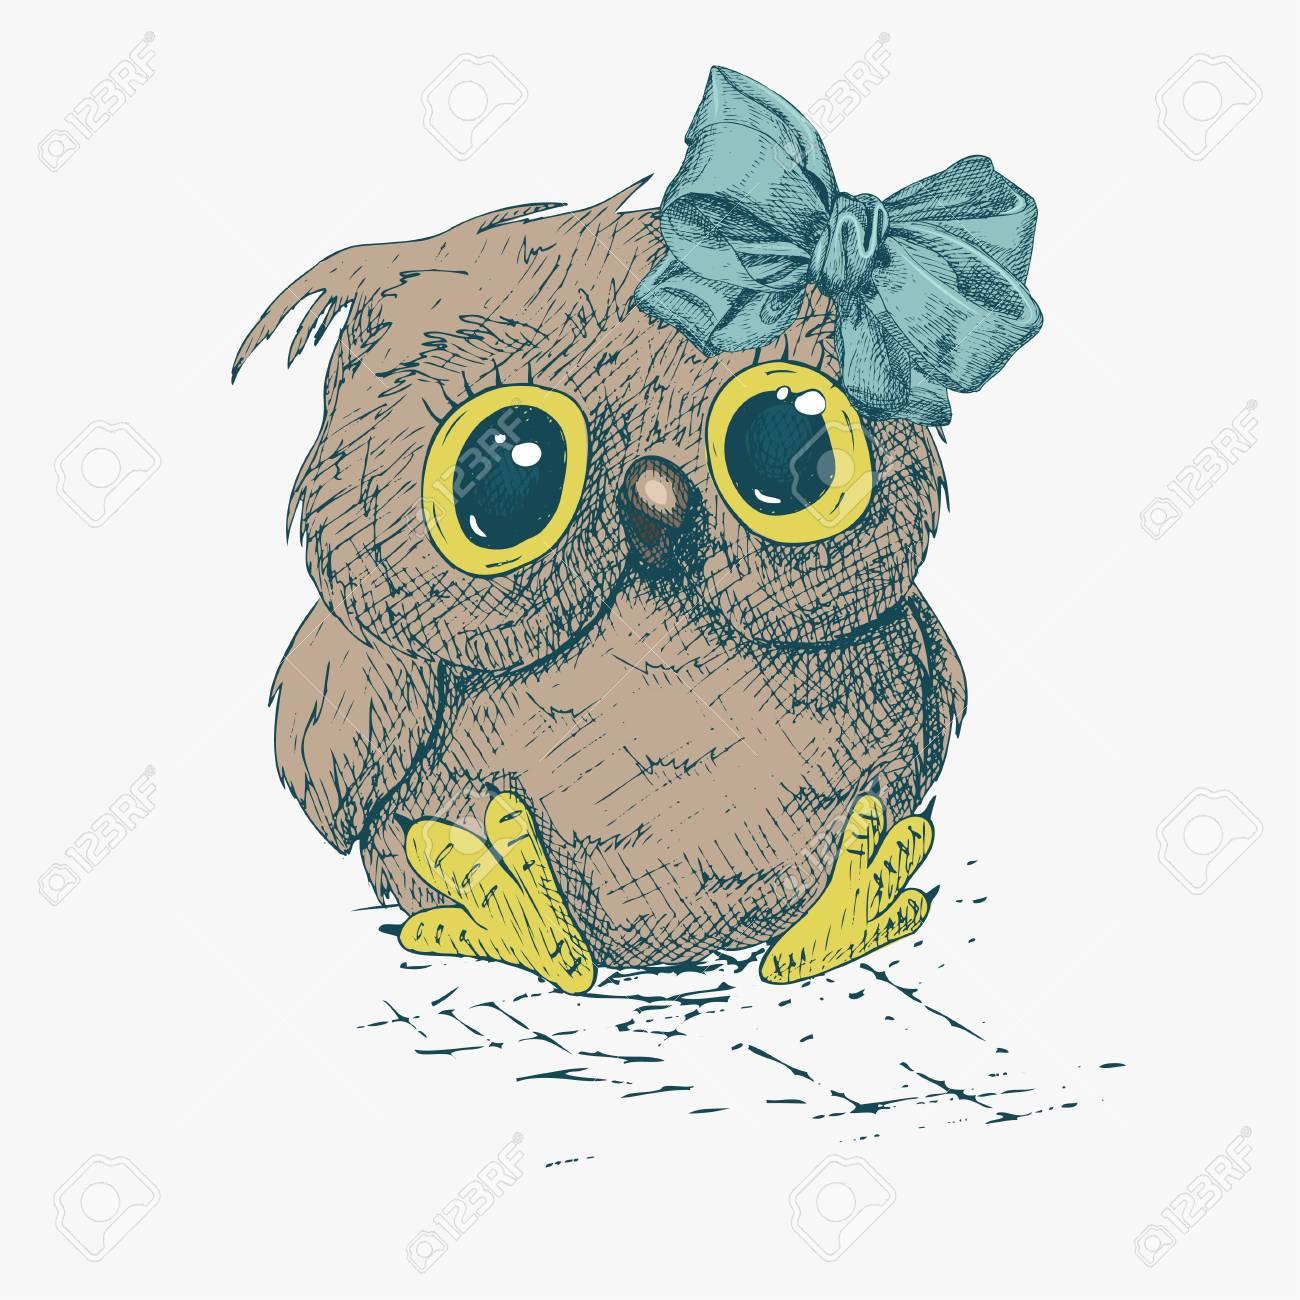 Cute Cartoon Owl with a bow Stock Vector - 97264706 fea199bc8c9a